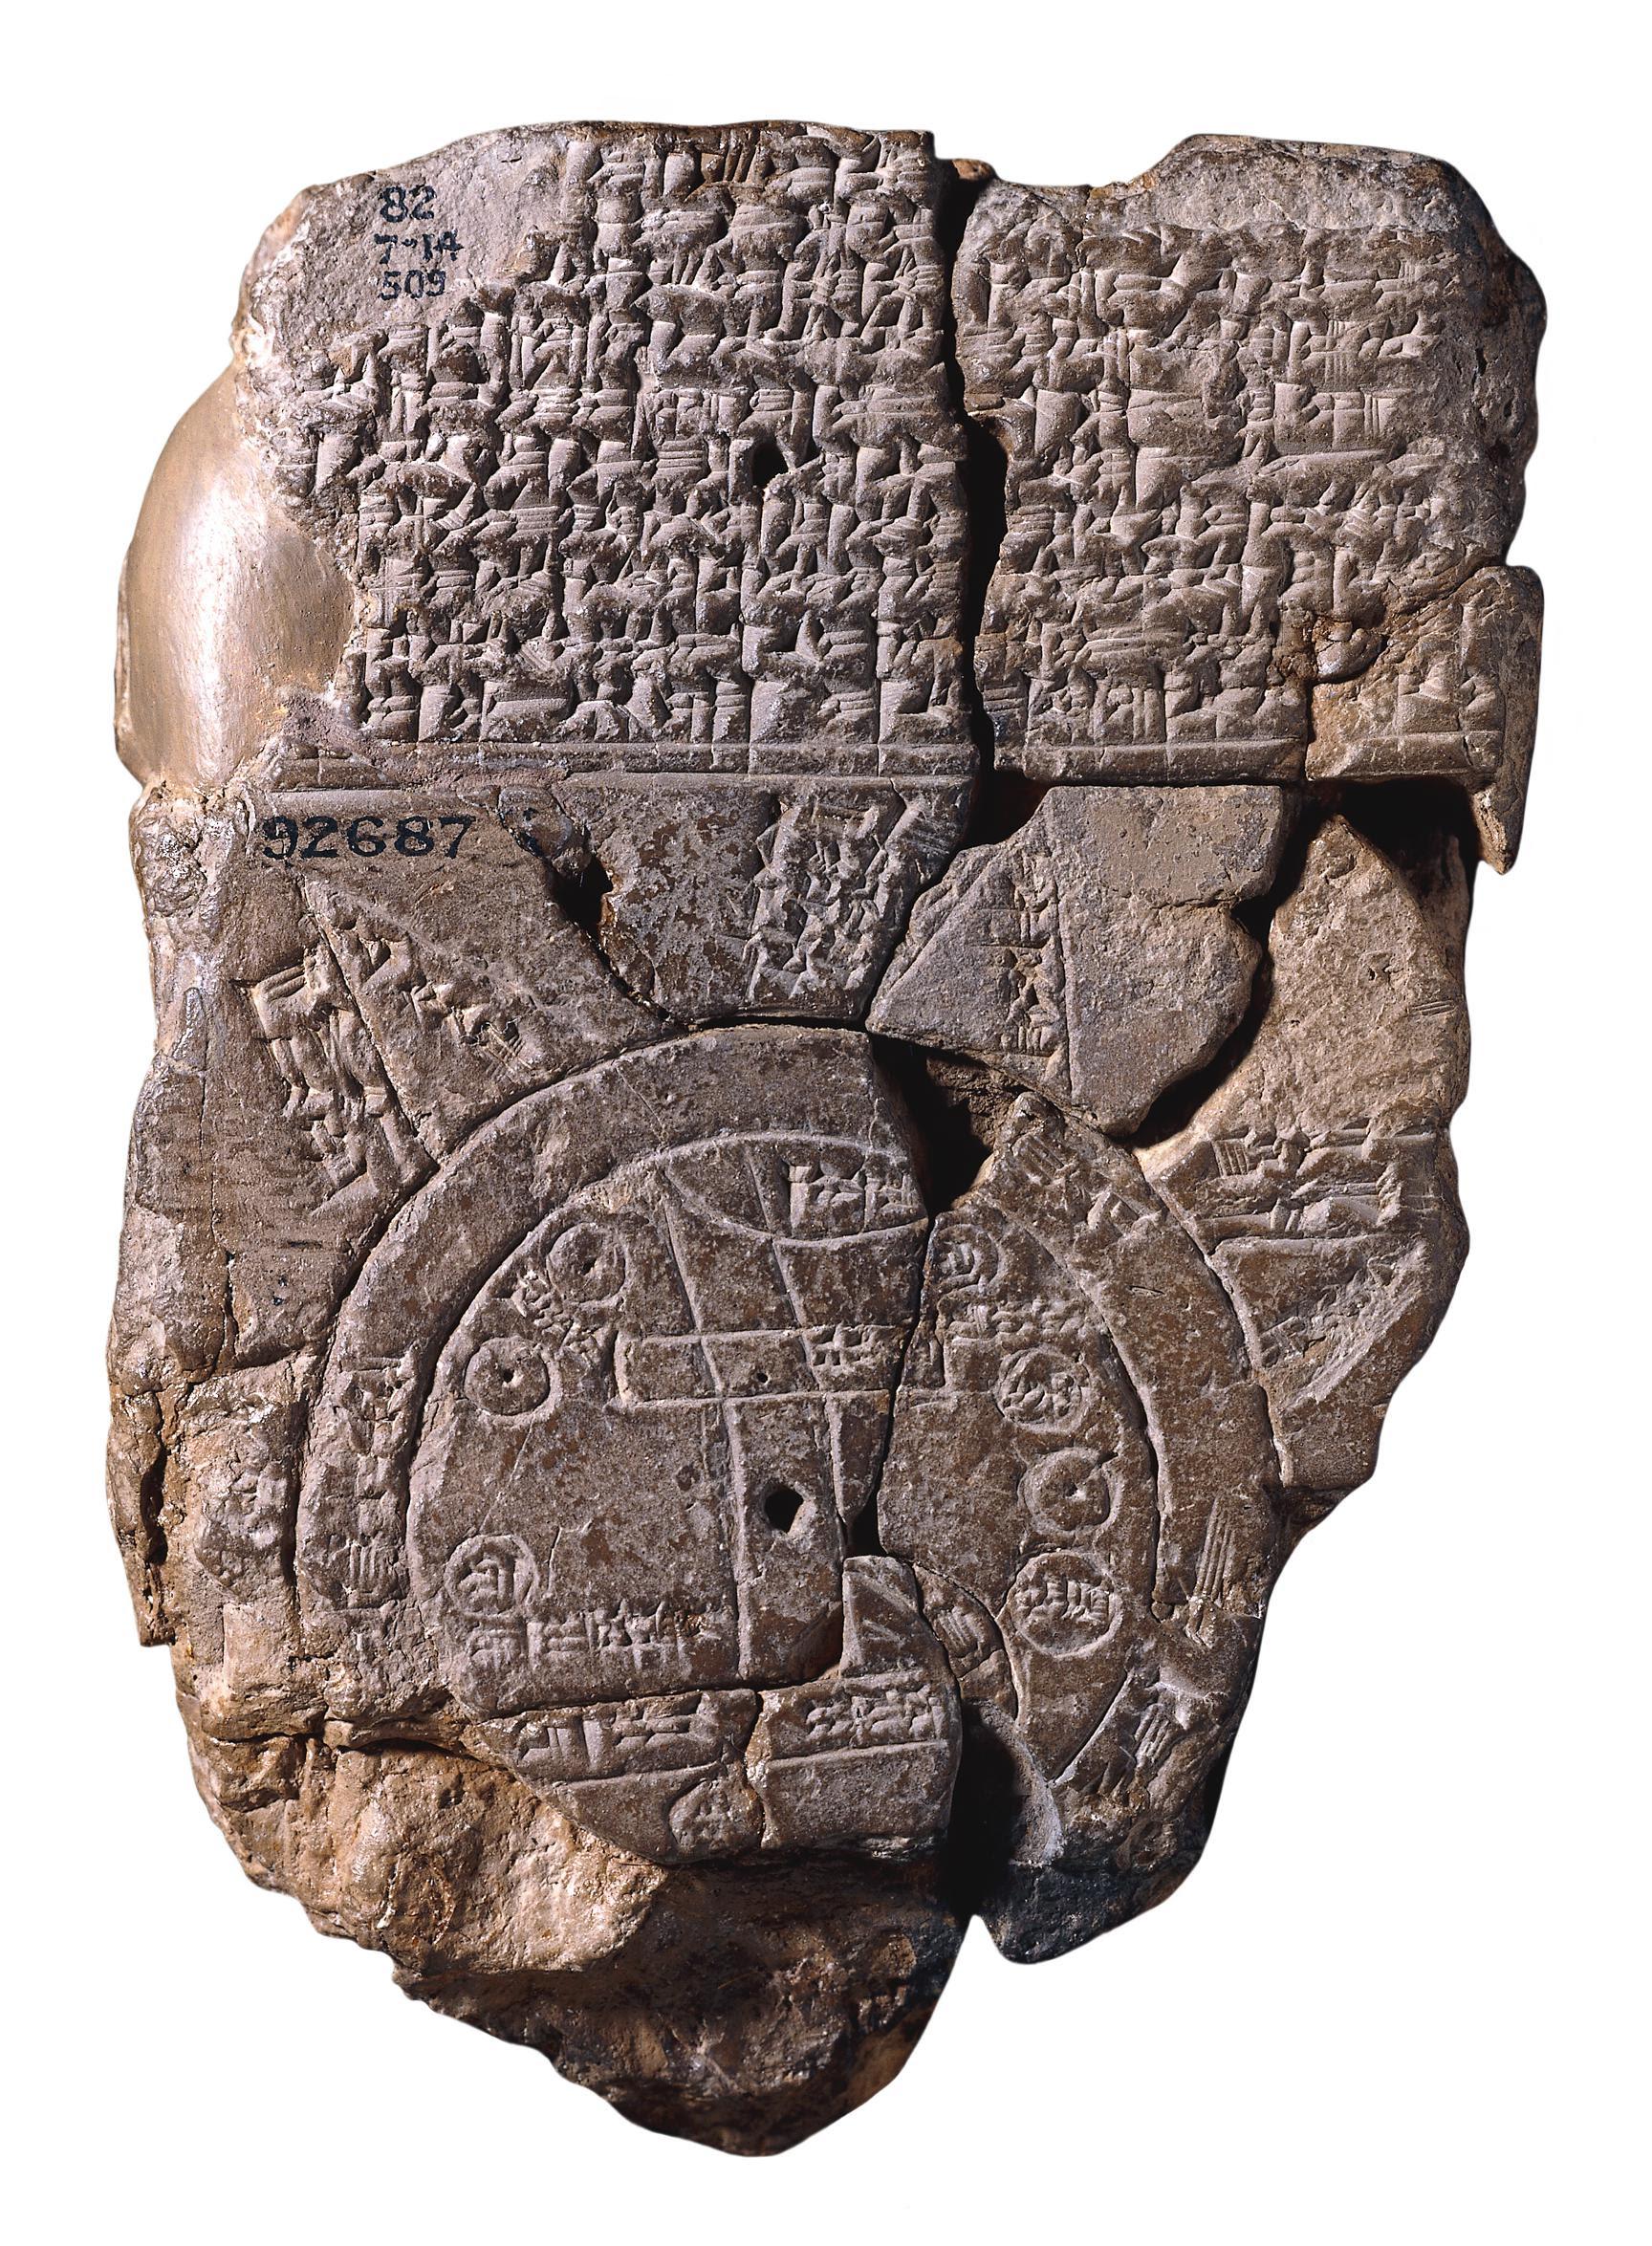 Mapa mundo Babilónio Imago Mundi do século VI a.C., o mais antigo mapa conhecido.